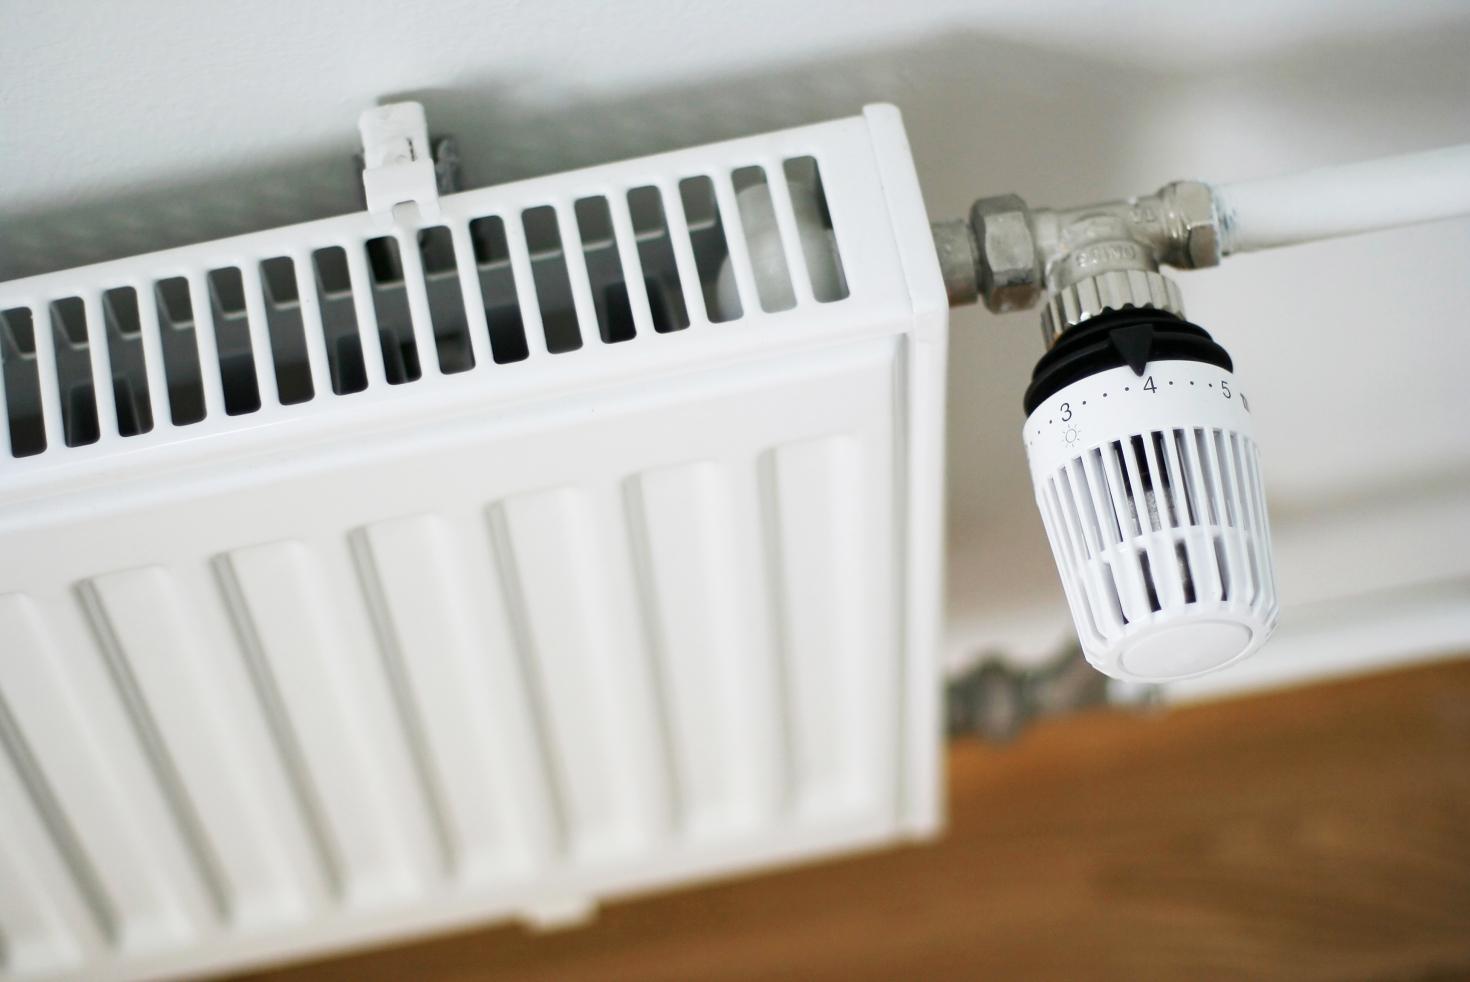 Uw centrale verwarming verzekerd